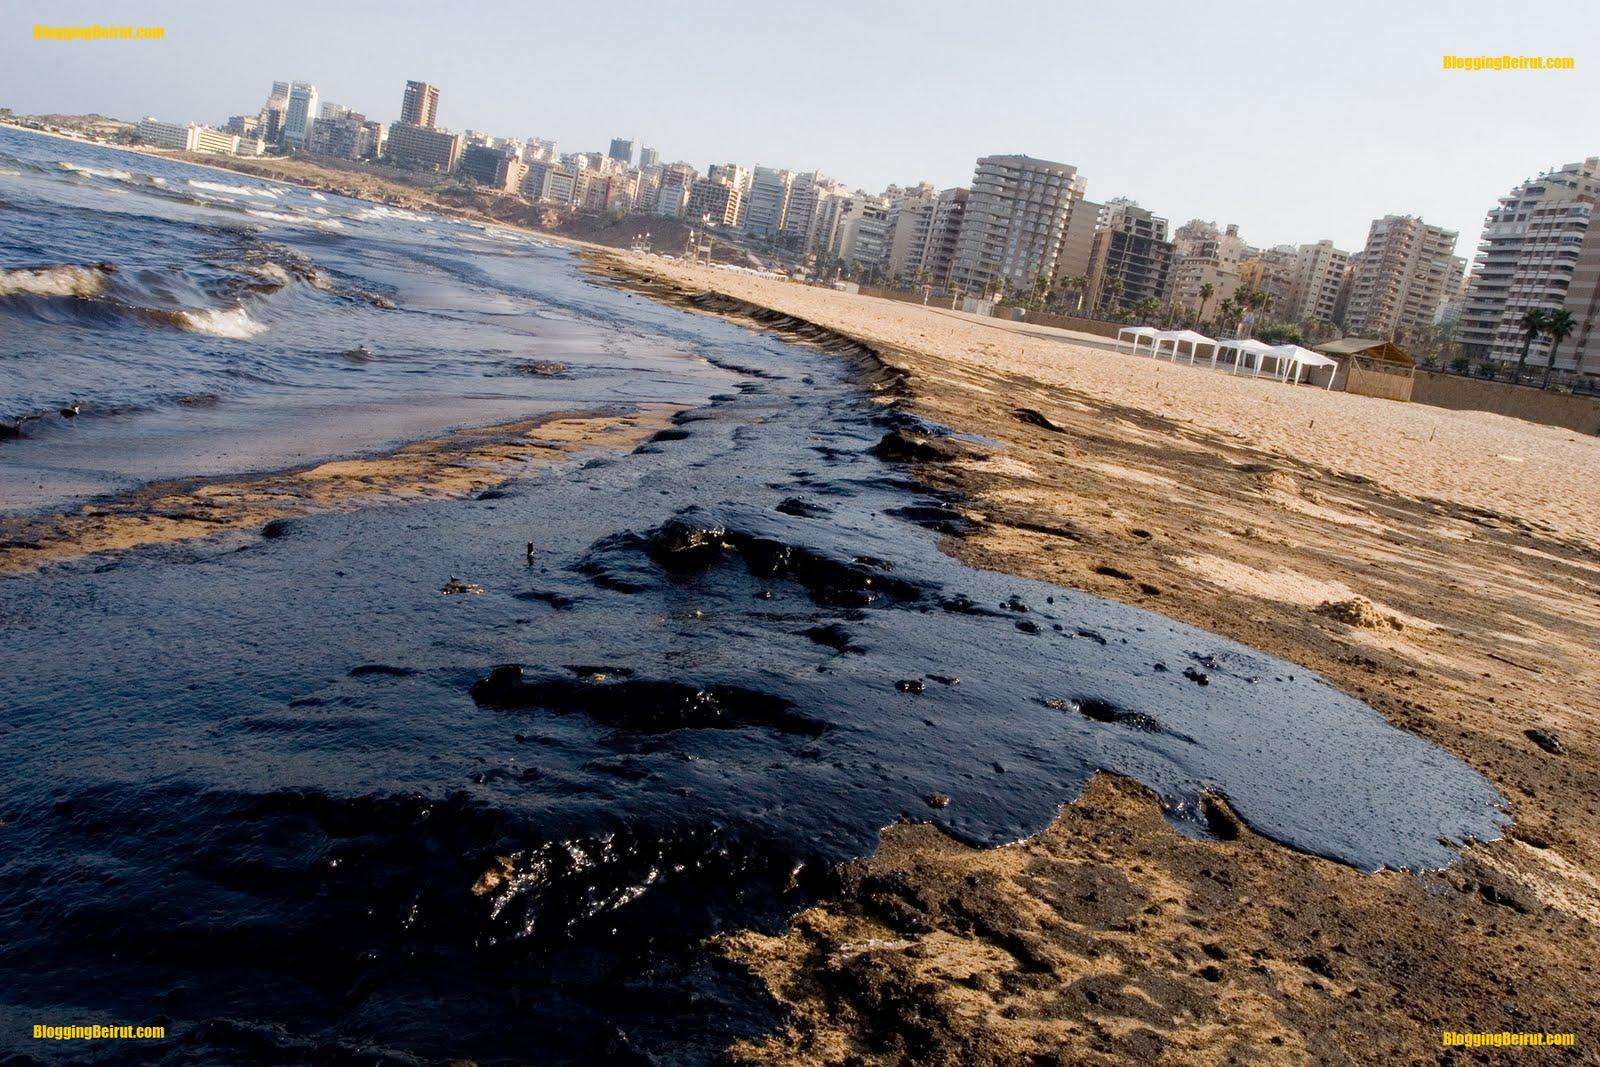 Blogg, blogg, blogg ! (:: BAD oil spill. Animals In Danger